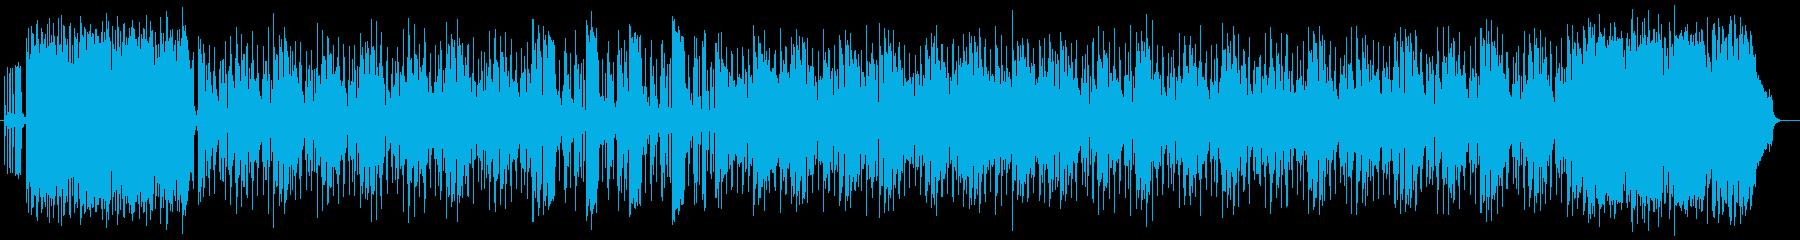 明るくにぎやかな現代的ポップスの再生済みの波形